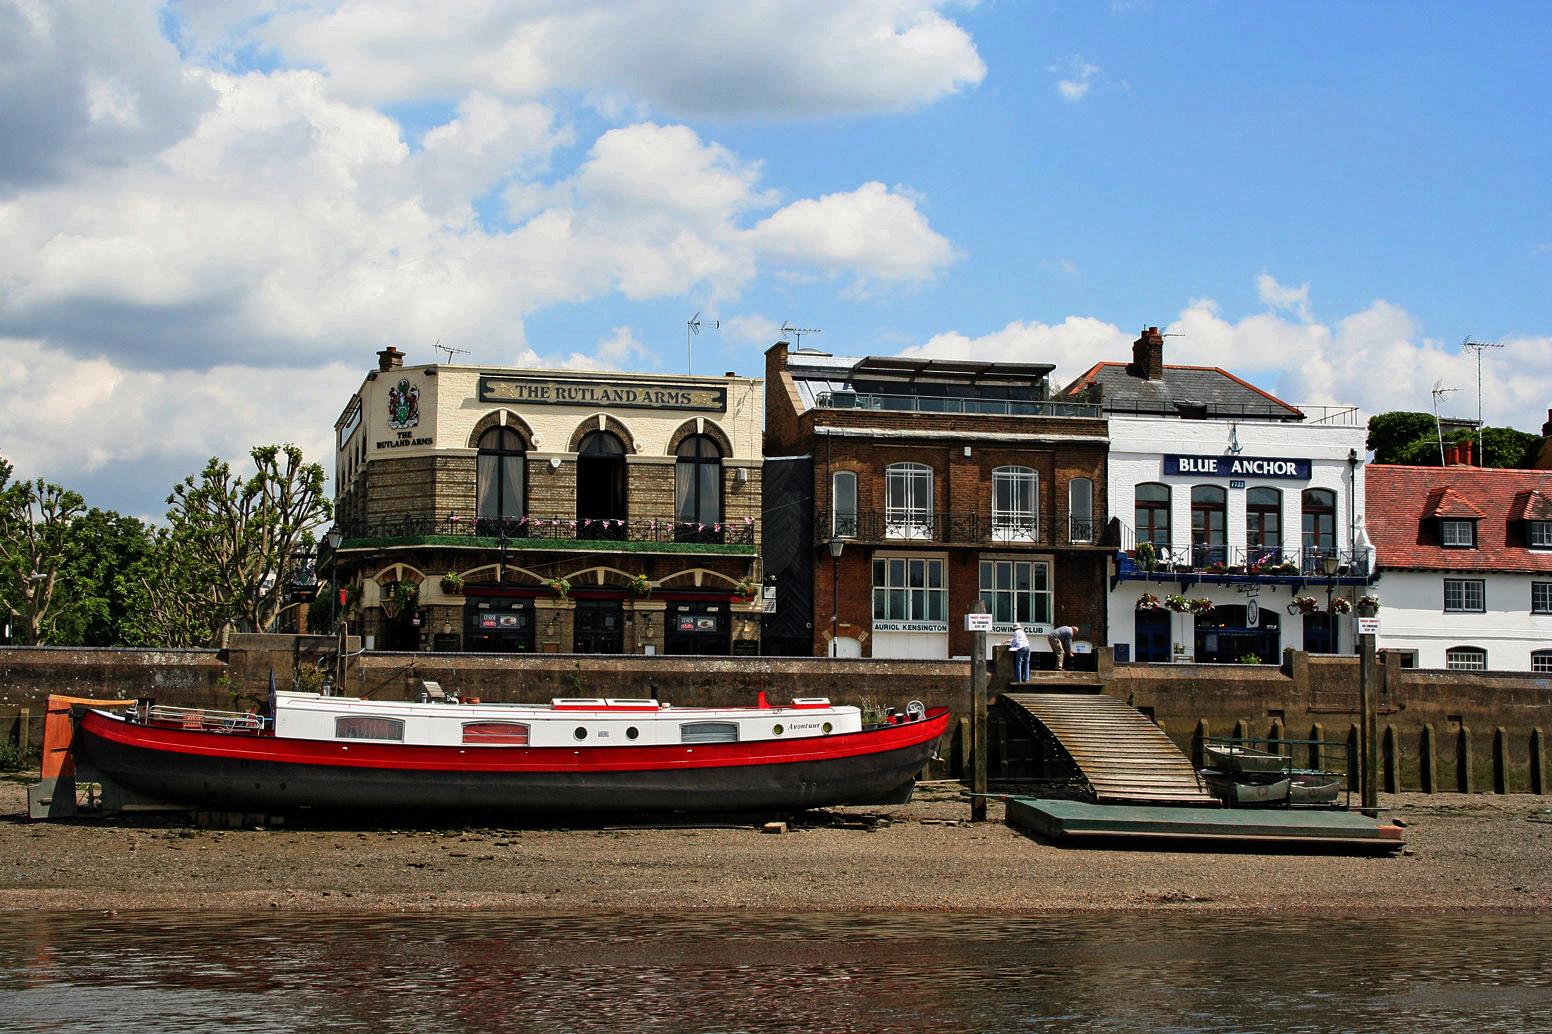 Themsefahrt von London nach Hampton Court 61